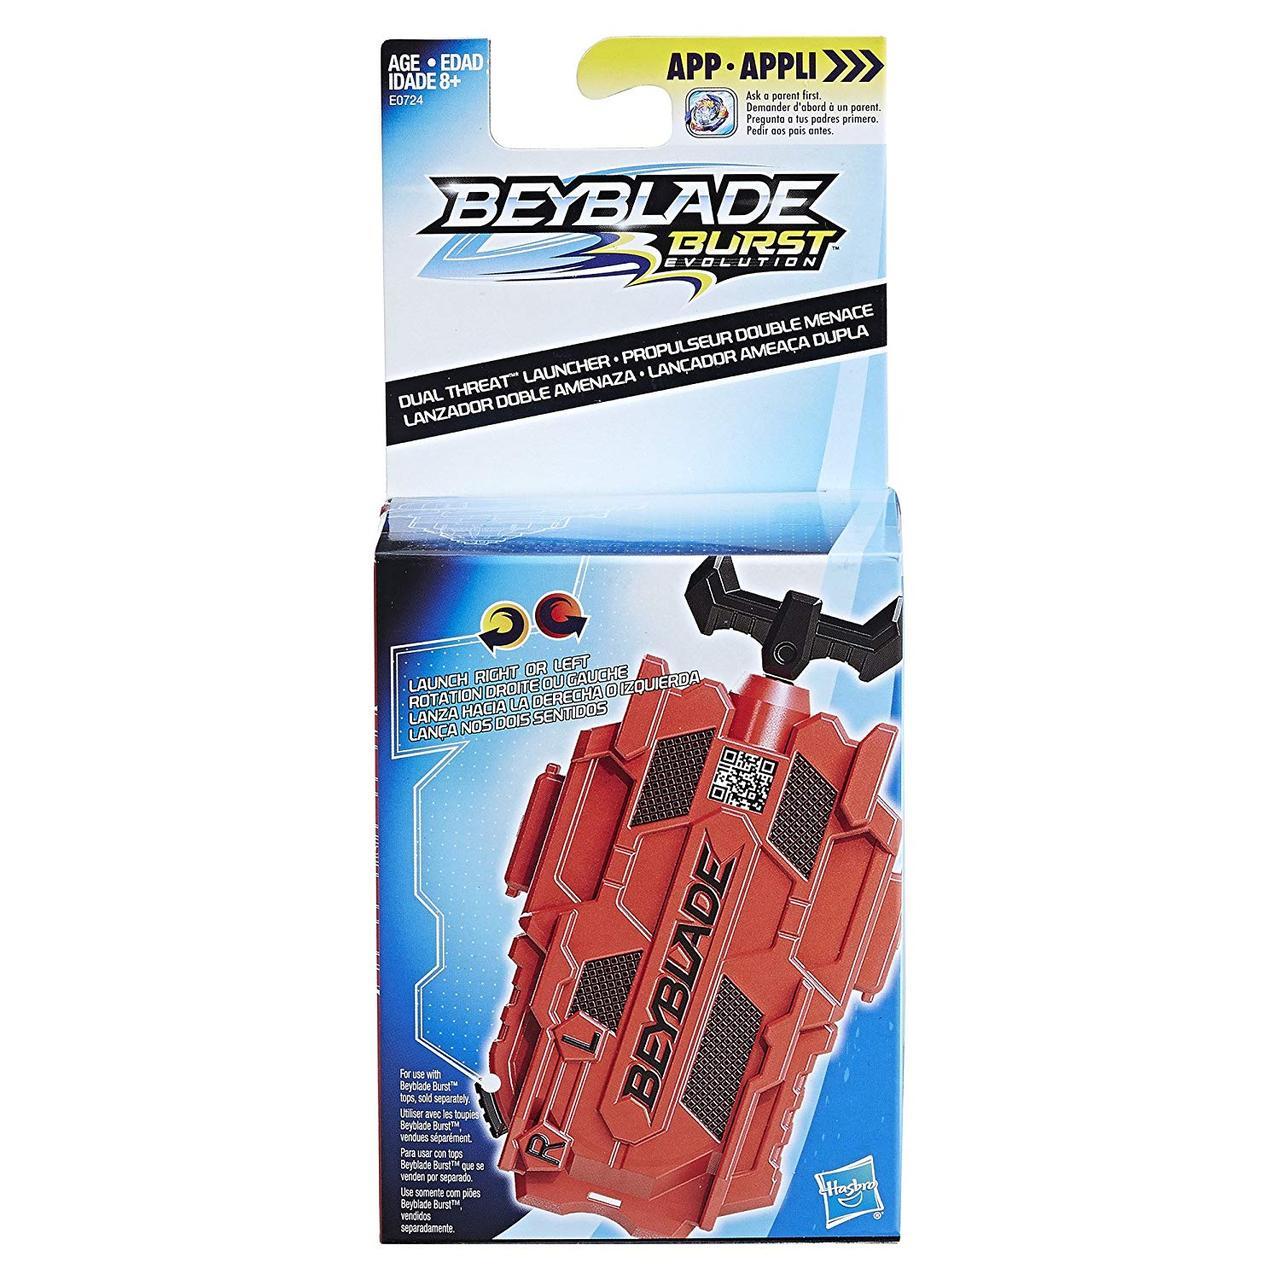 Запускатель верёвочный для бейблейдов Beyblade Burst Evolution Dual Threat Launcher, Hasbro Оригинал из США